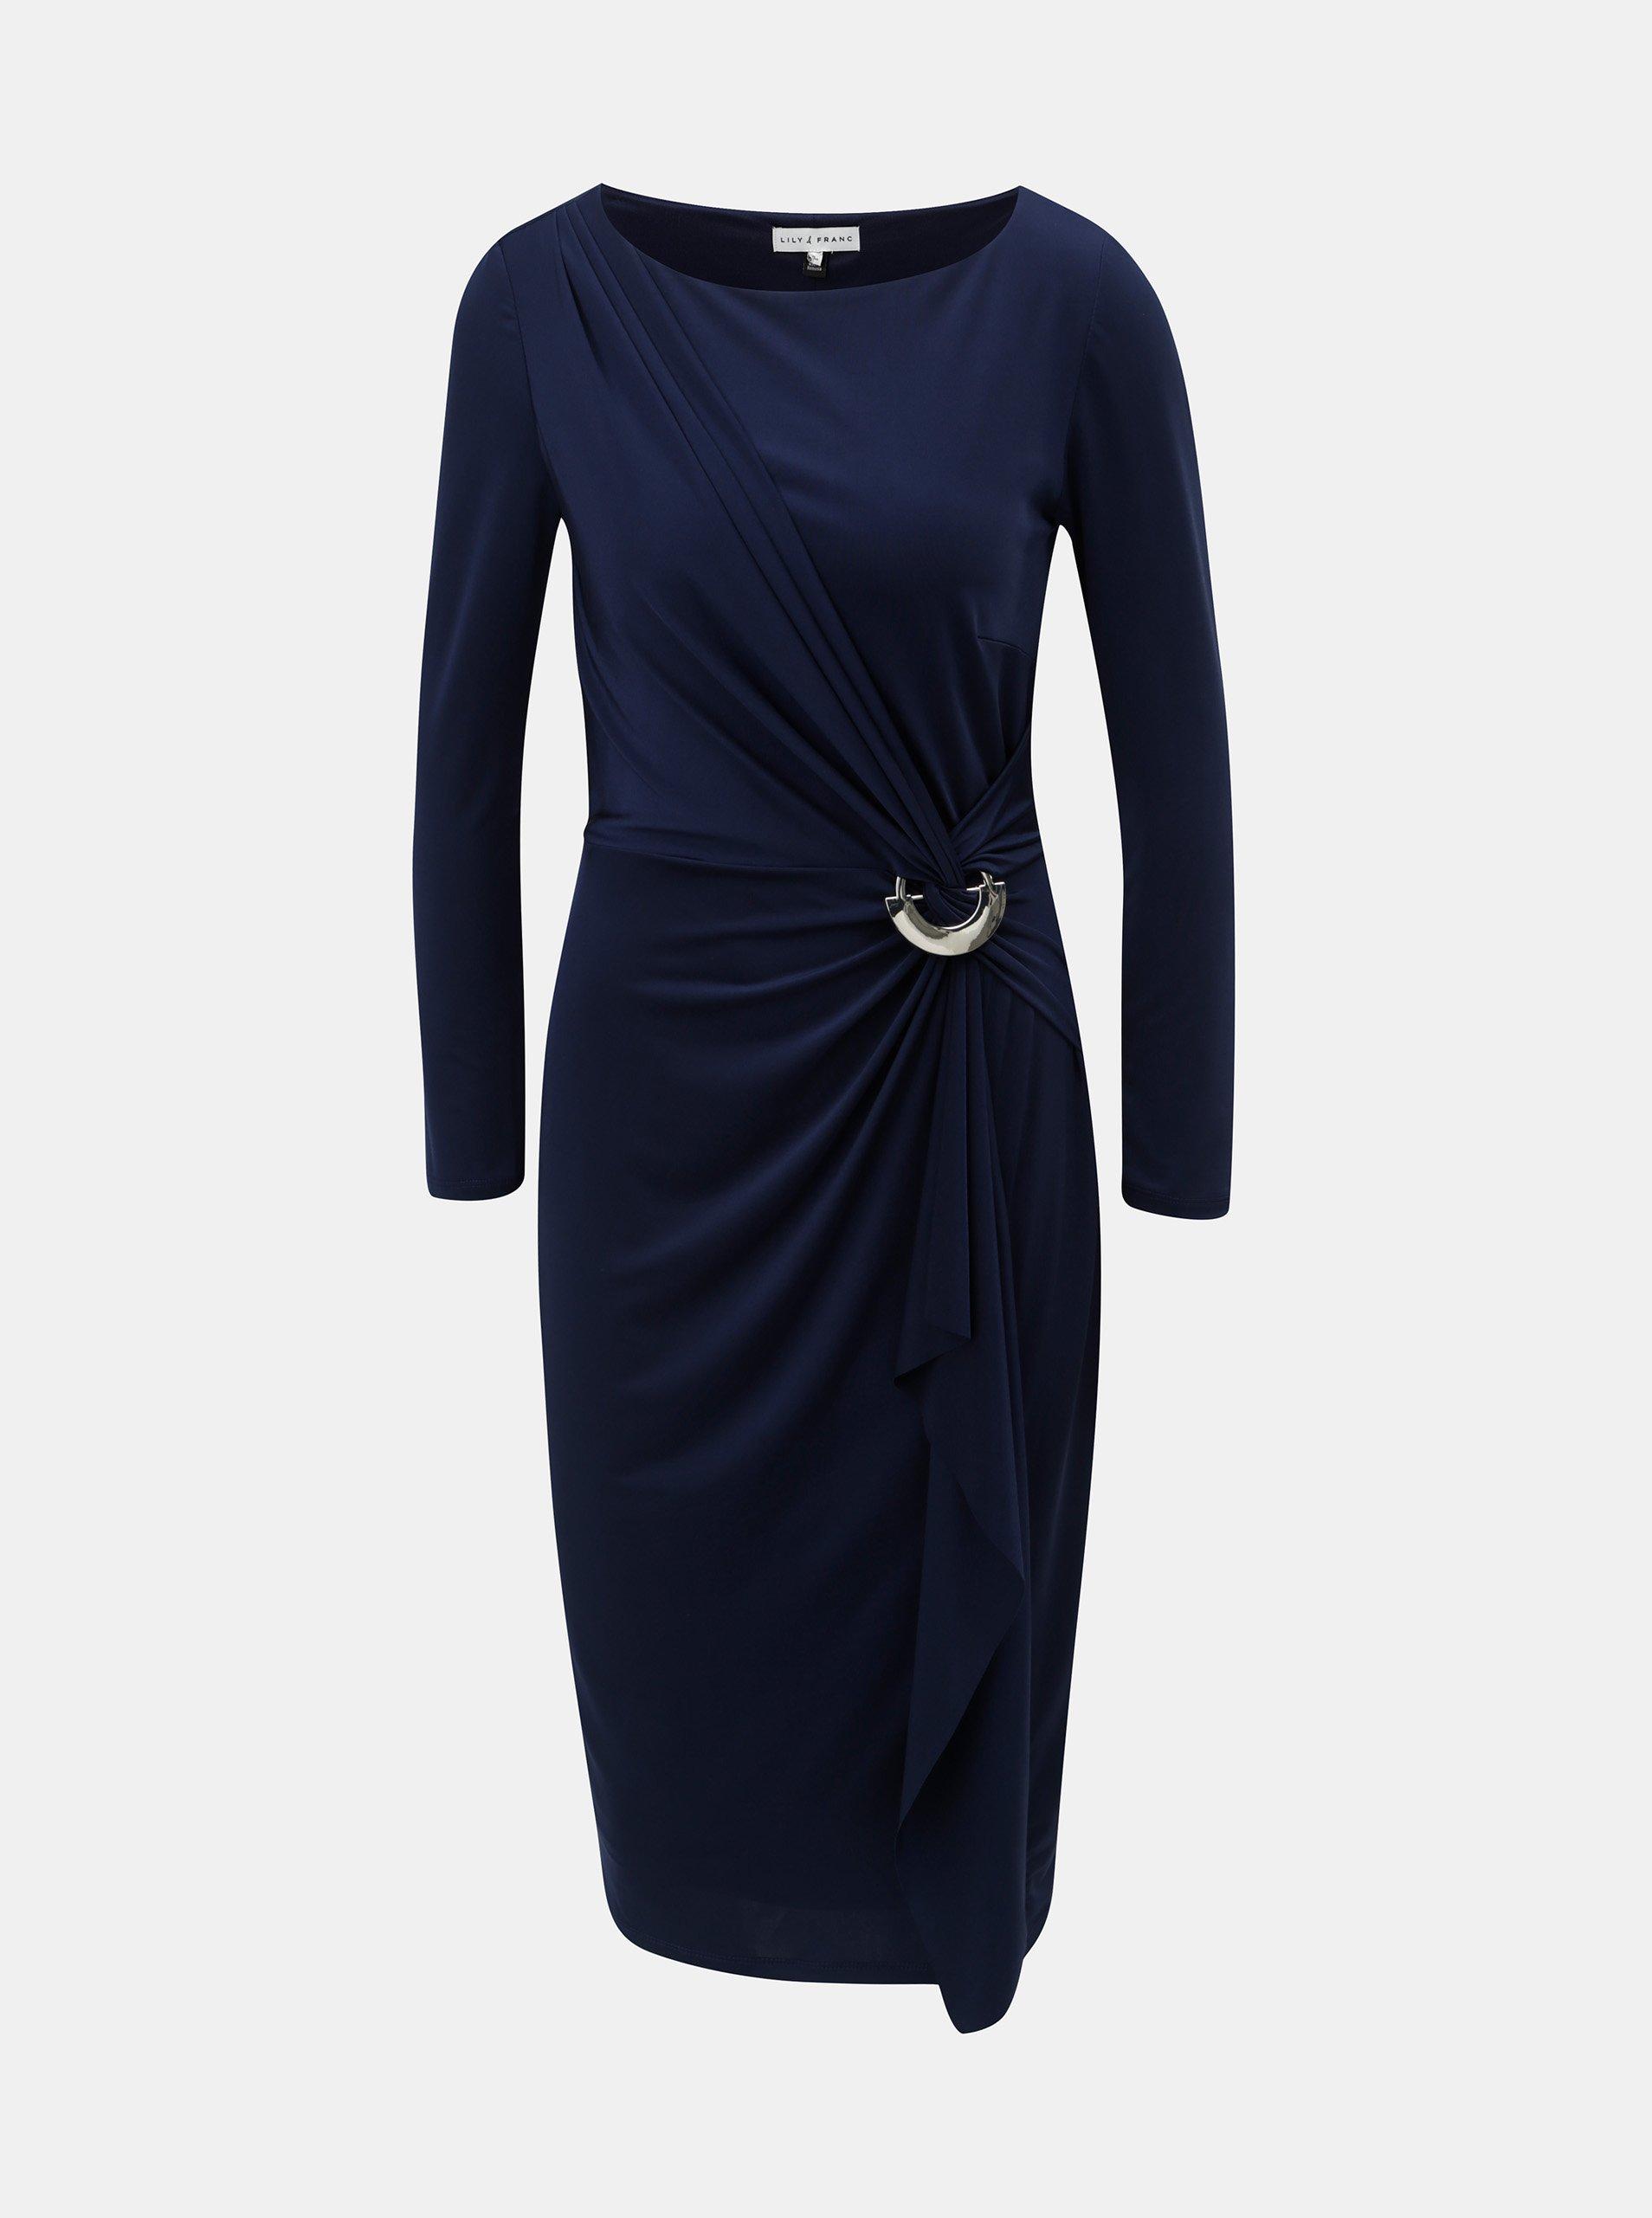 2e5c334066c4 Tmavě modré šaty s volánem s kovovou ozdobou Lily   Franc by Dorothy Perkins